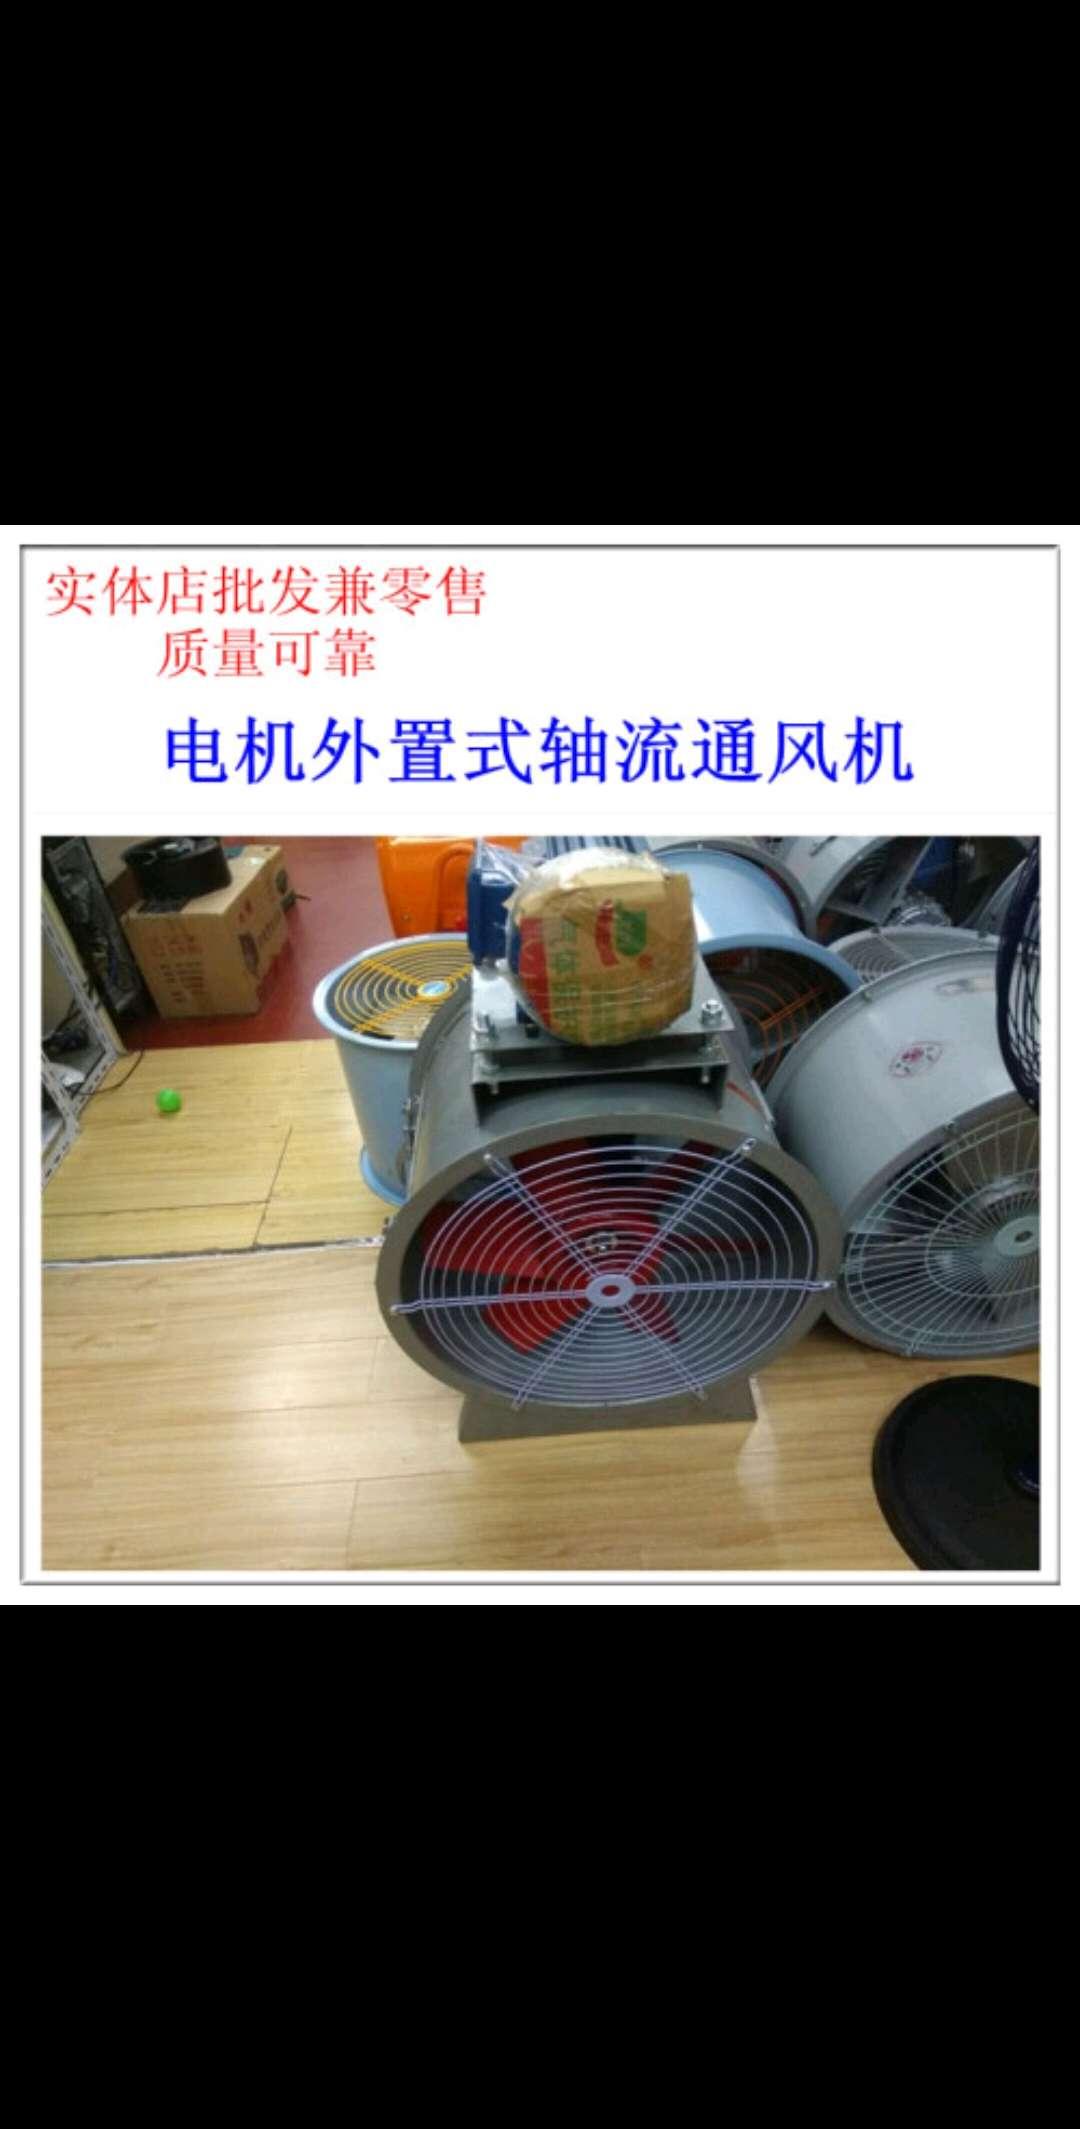 电机外置式轴流通风机喷漆排风扇排尘漆房专用风机 诚信经营 性价比高 顾客回购率高 用了都说好